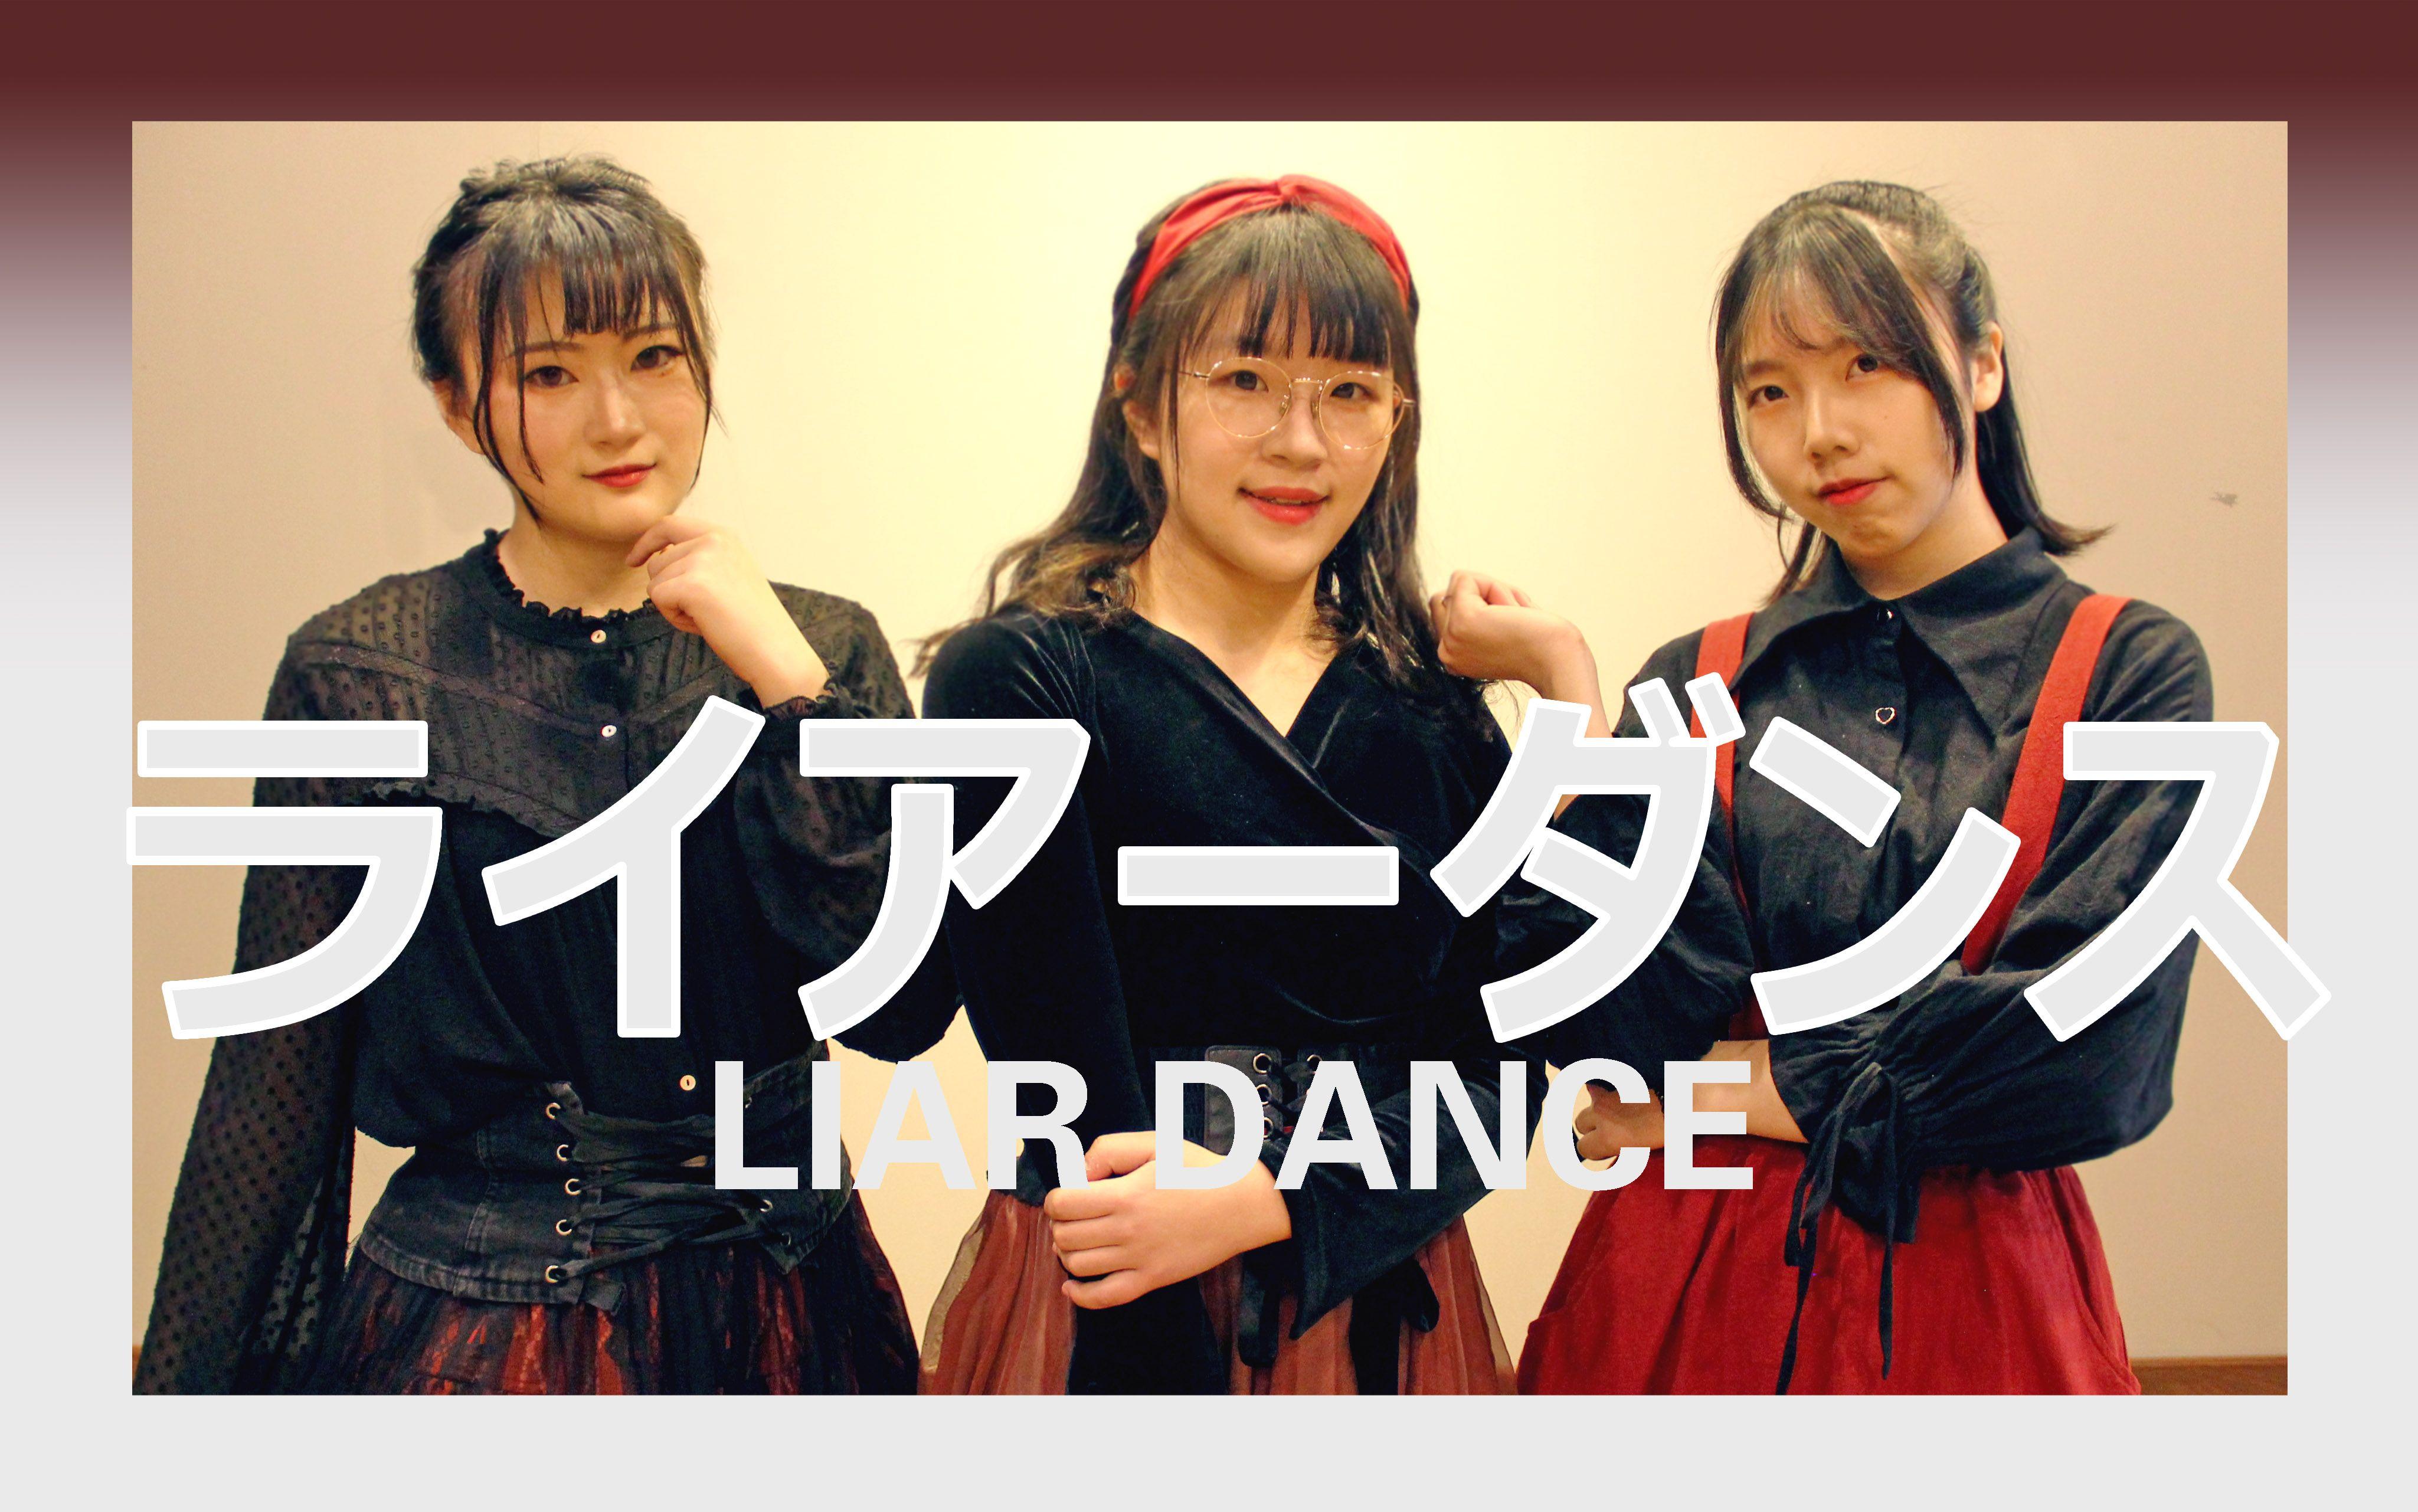 【奶茶&小紫&玊理】Liar Dance【初合作】【????虽然有些可怕 不过月亮真美 再见 永别了????】